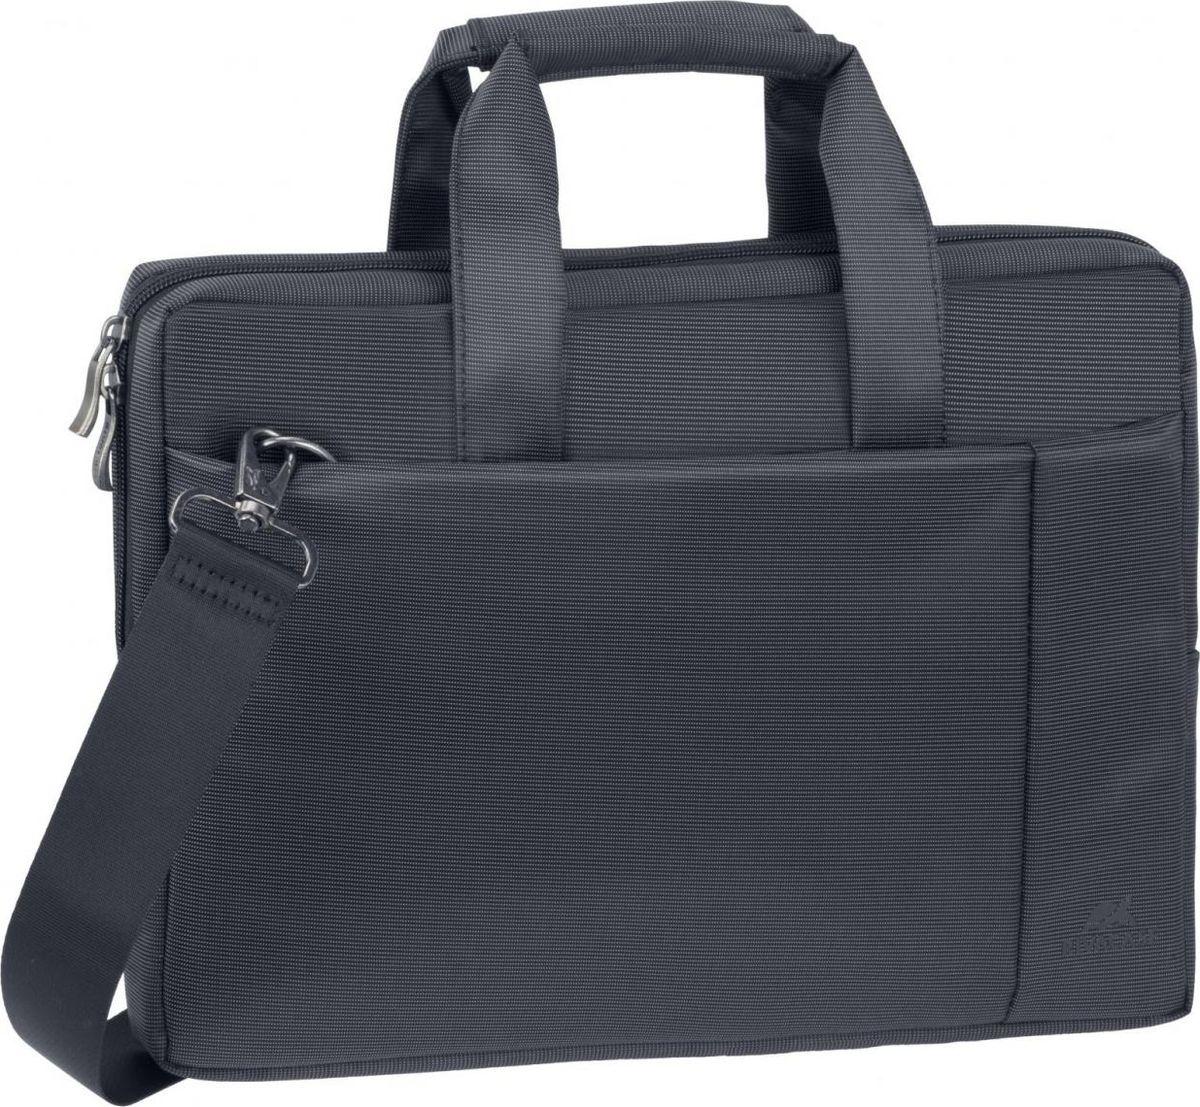 RivaCase 8221, Black сумка для ноутбука 13,3